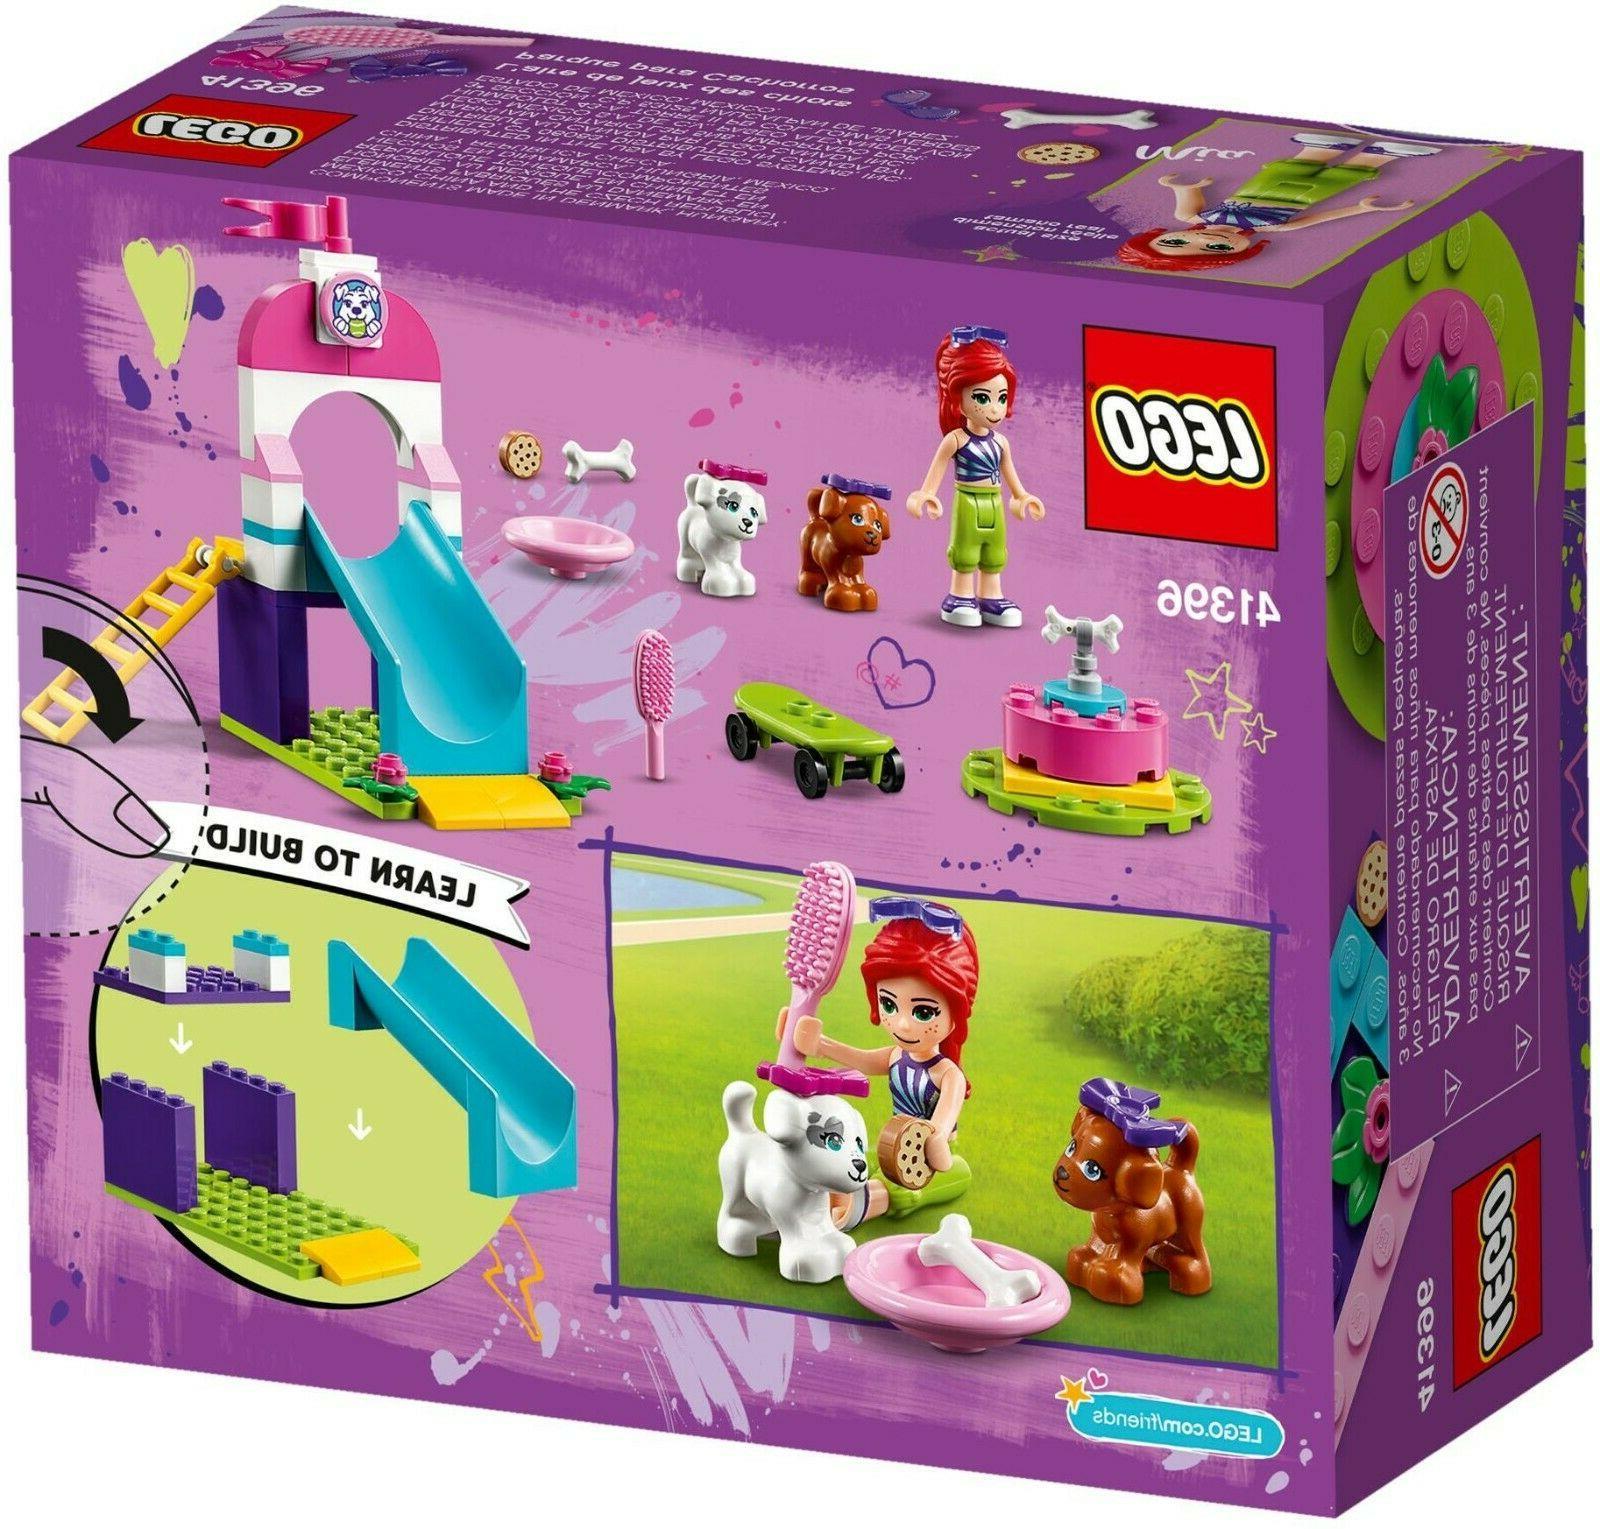 Lego Friends Mia's Puppy Building